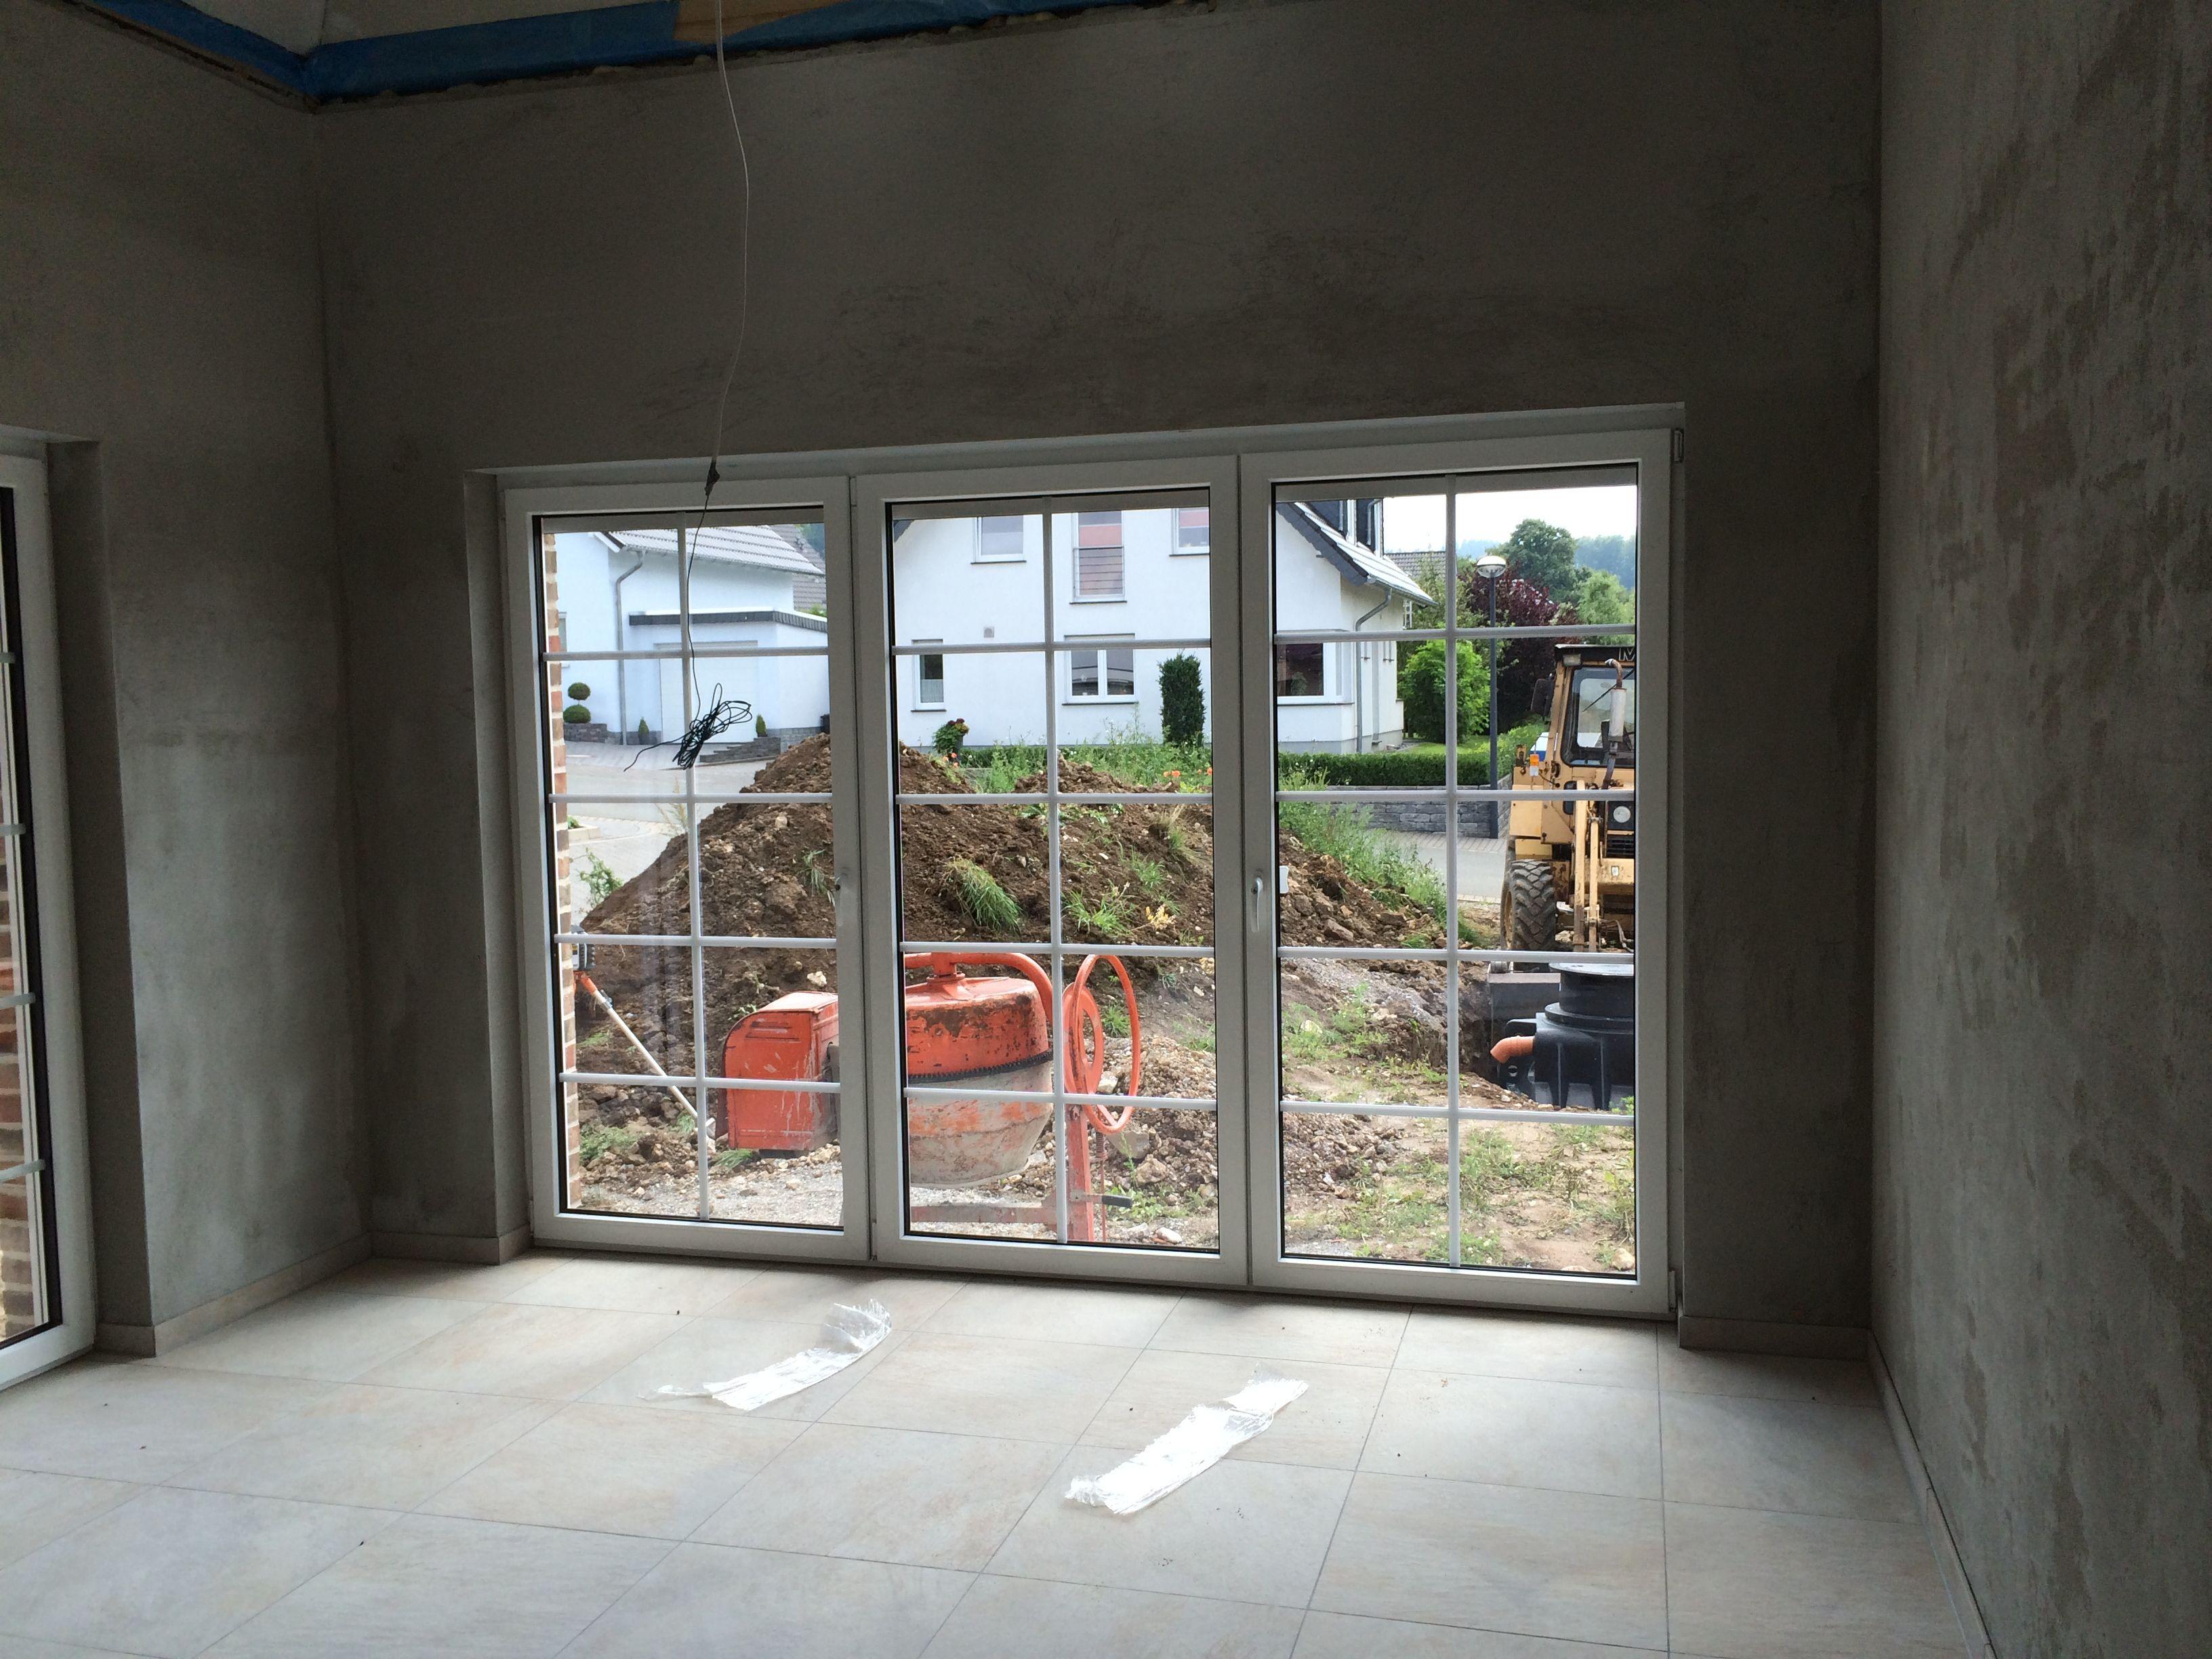 sprossenfenster | haus | pinterest - Sprossenfenster Anthrazit Grau